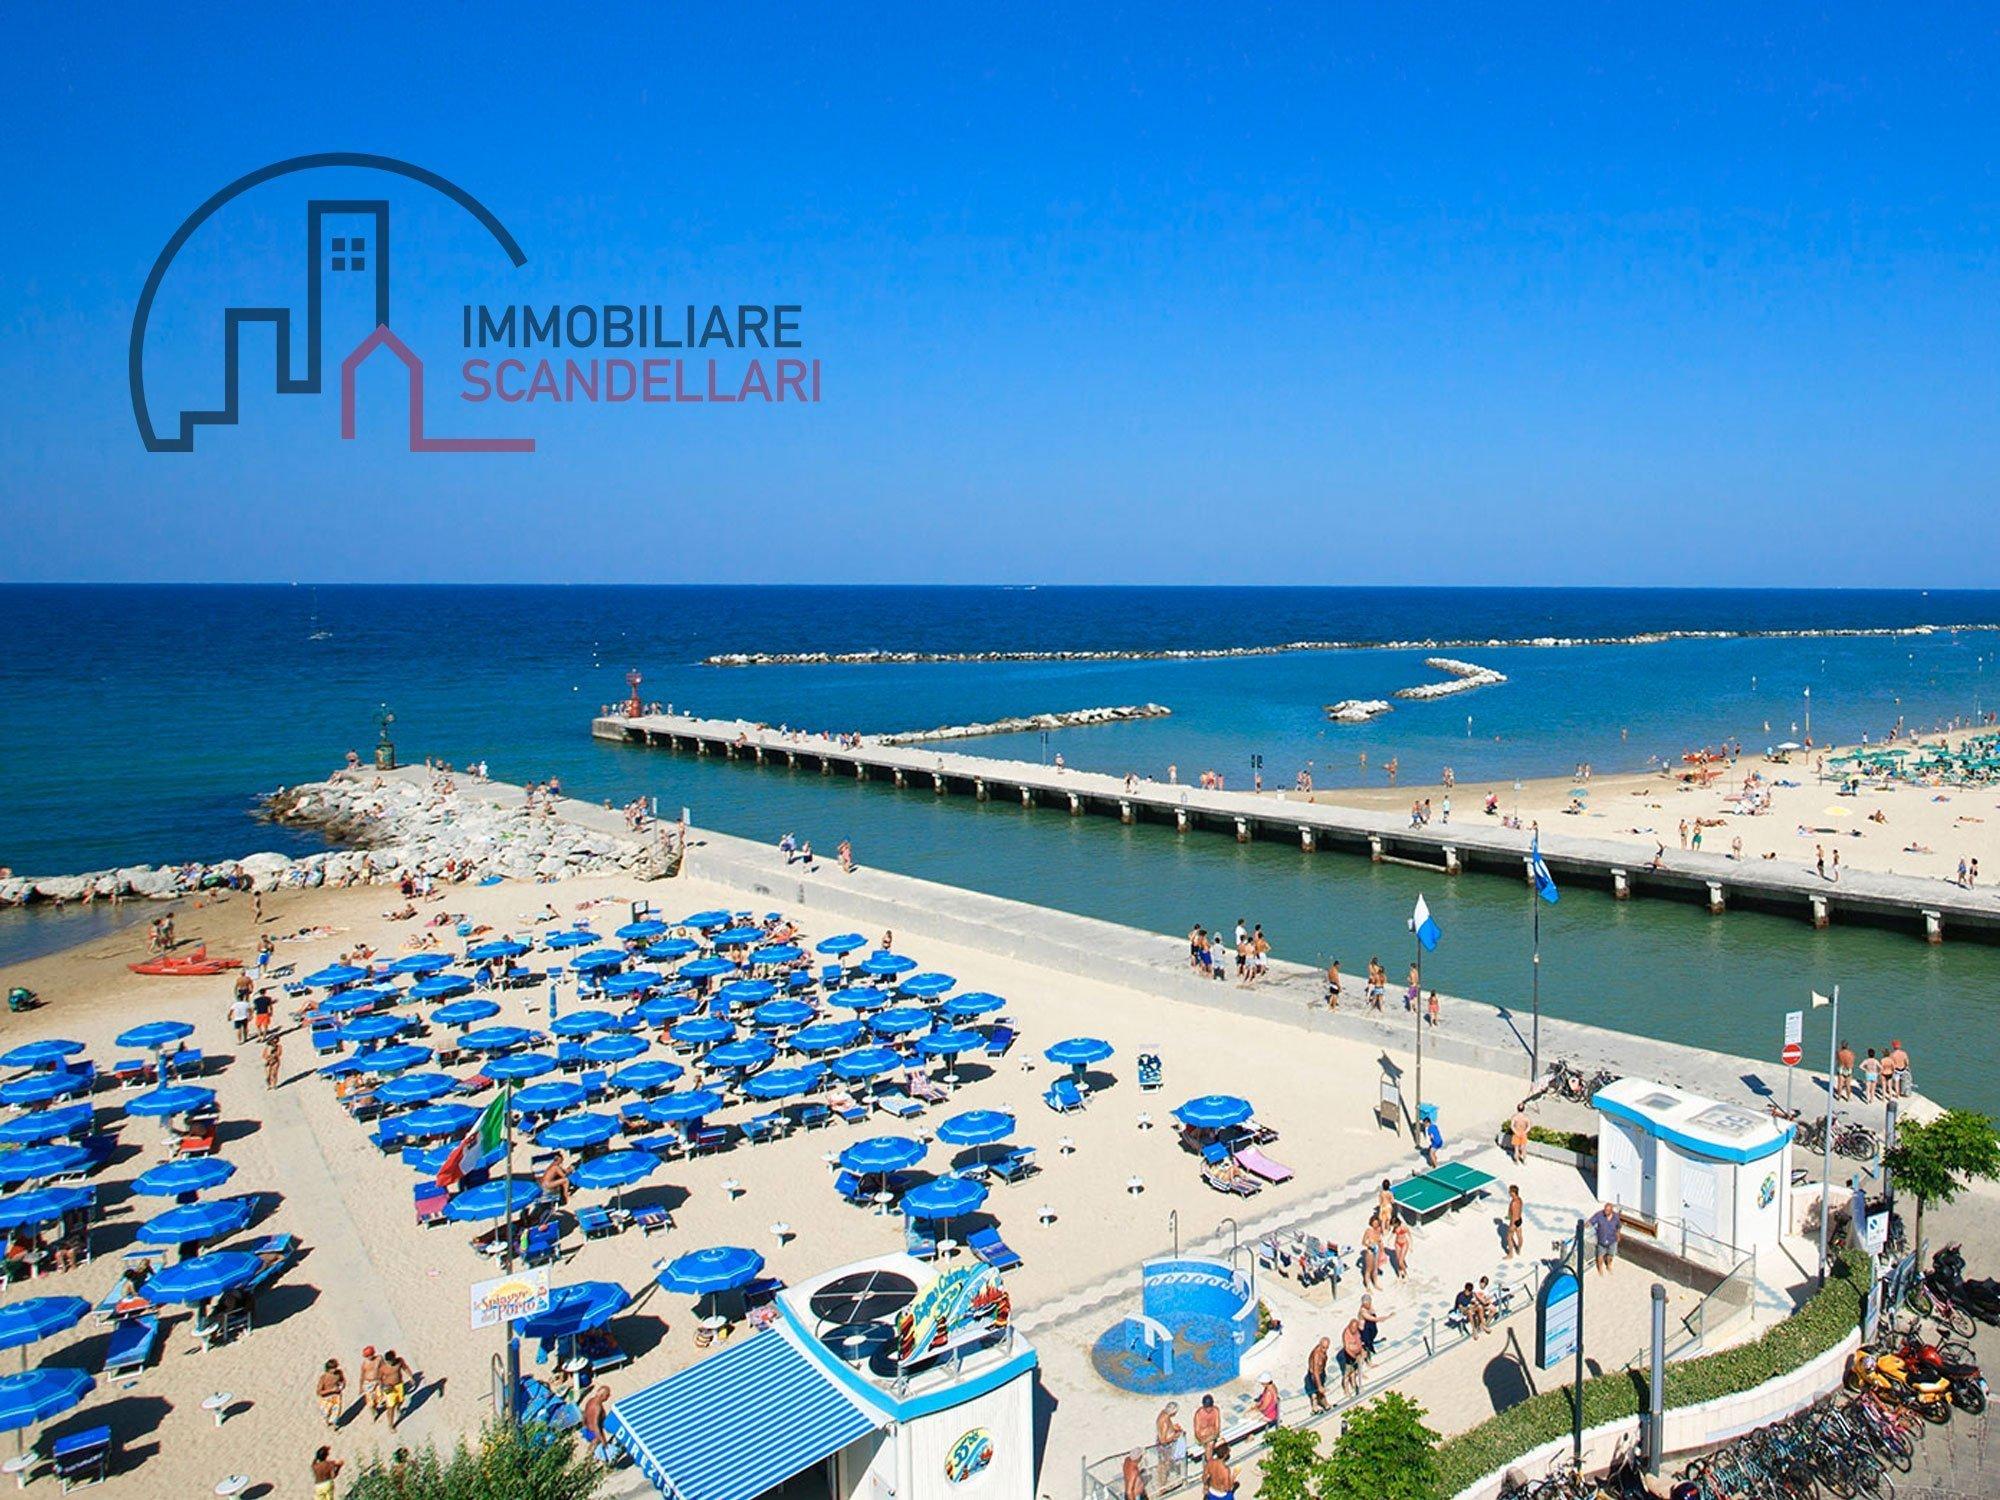 Rimini Bellaria - Hotel 4 stelle fronte mare in vendita - Immobiliare Scandellari